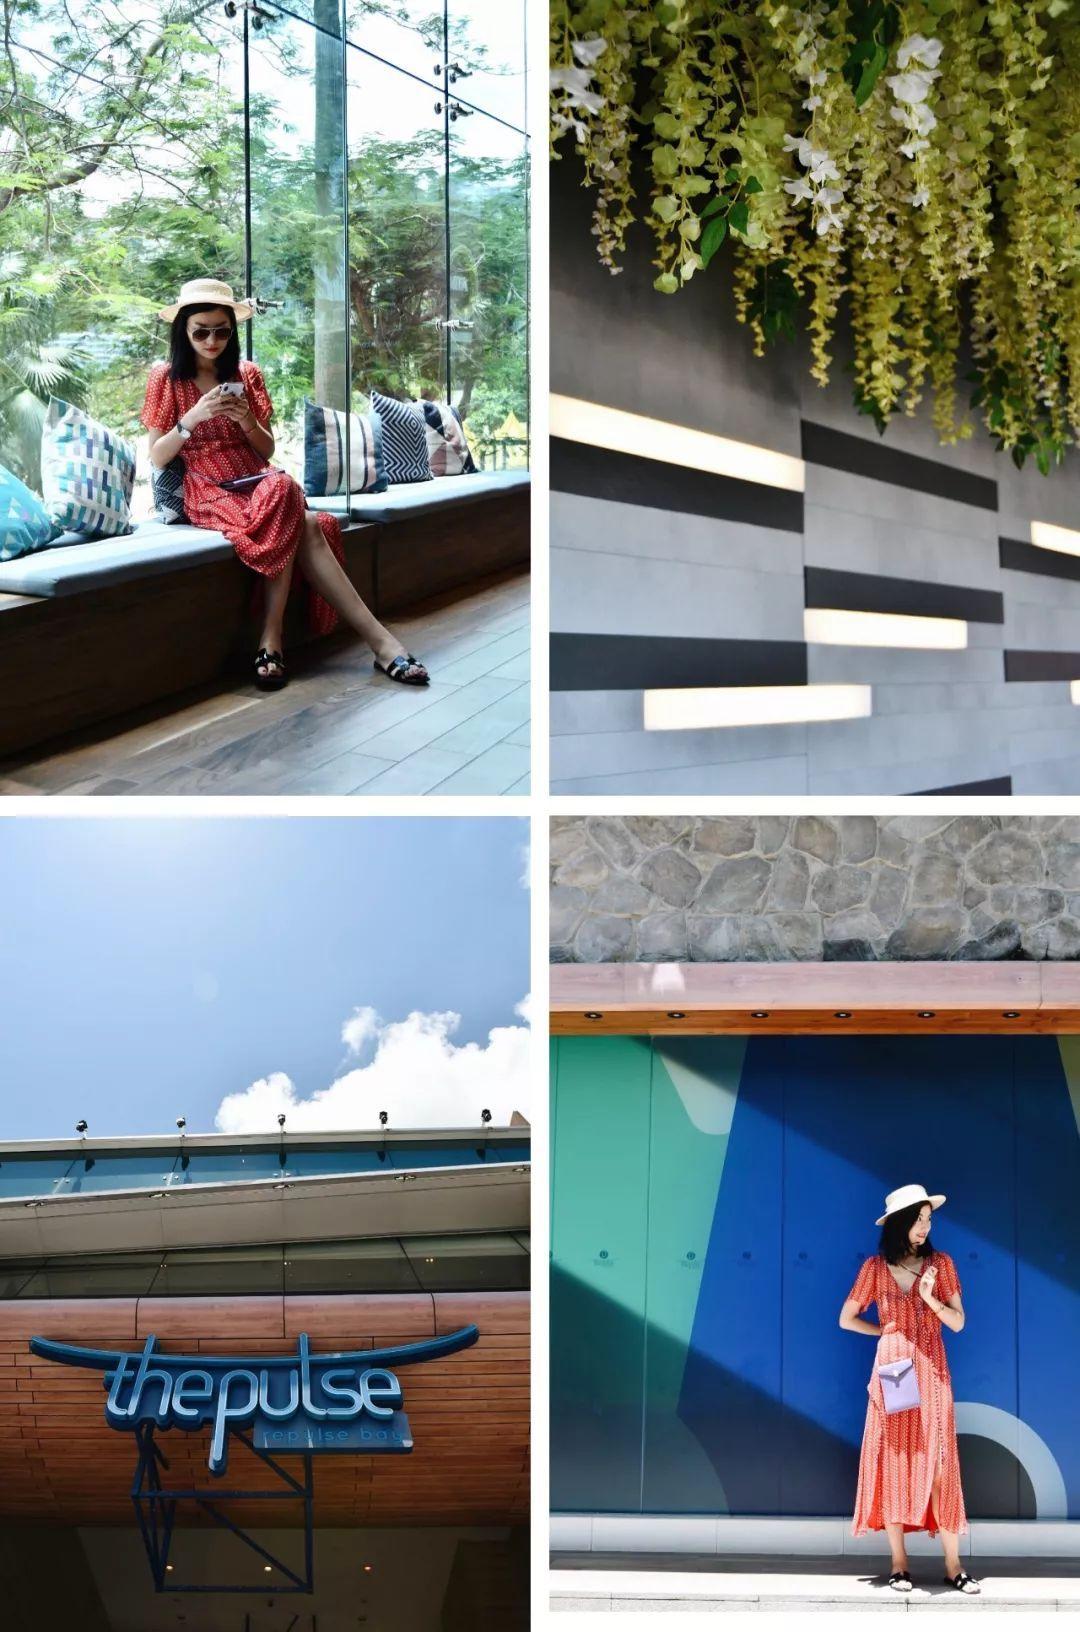 香港|夏日出逃,一场浅水湾的城市海边度假!